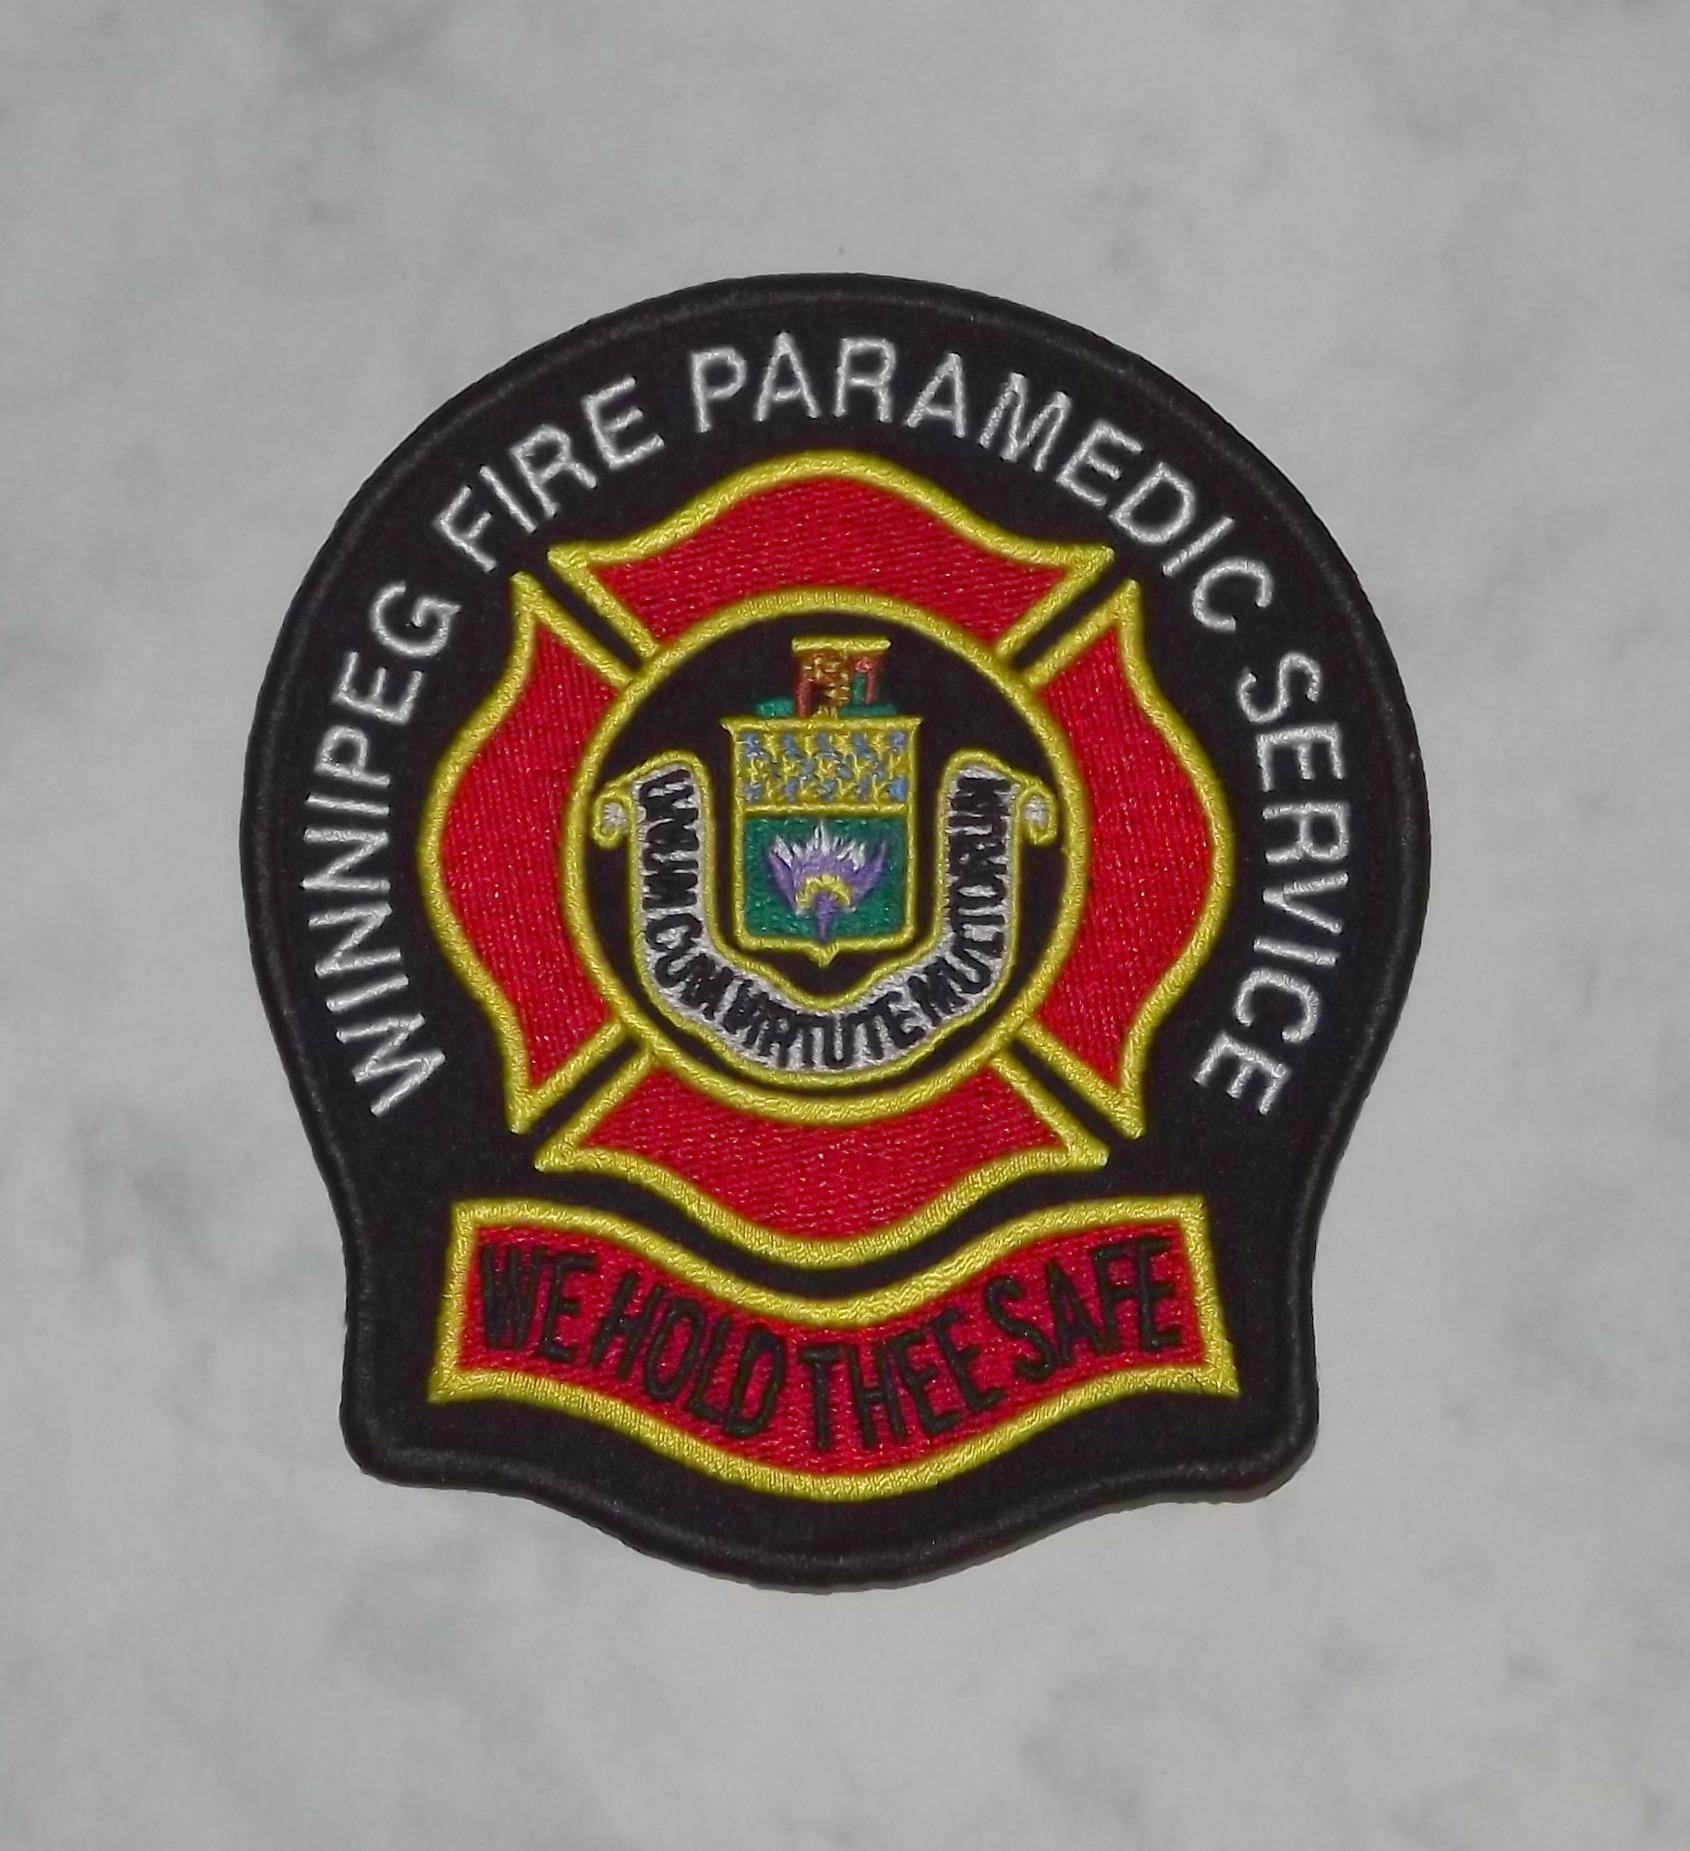 Winnipeg Fire Dept, Canada